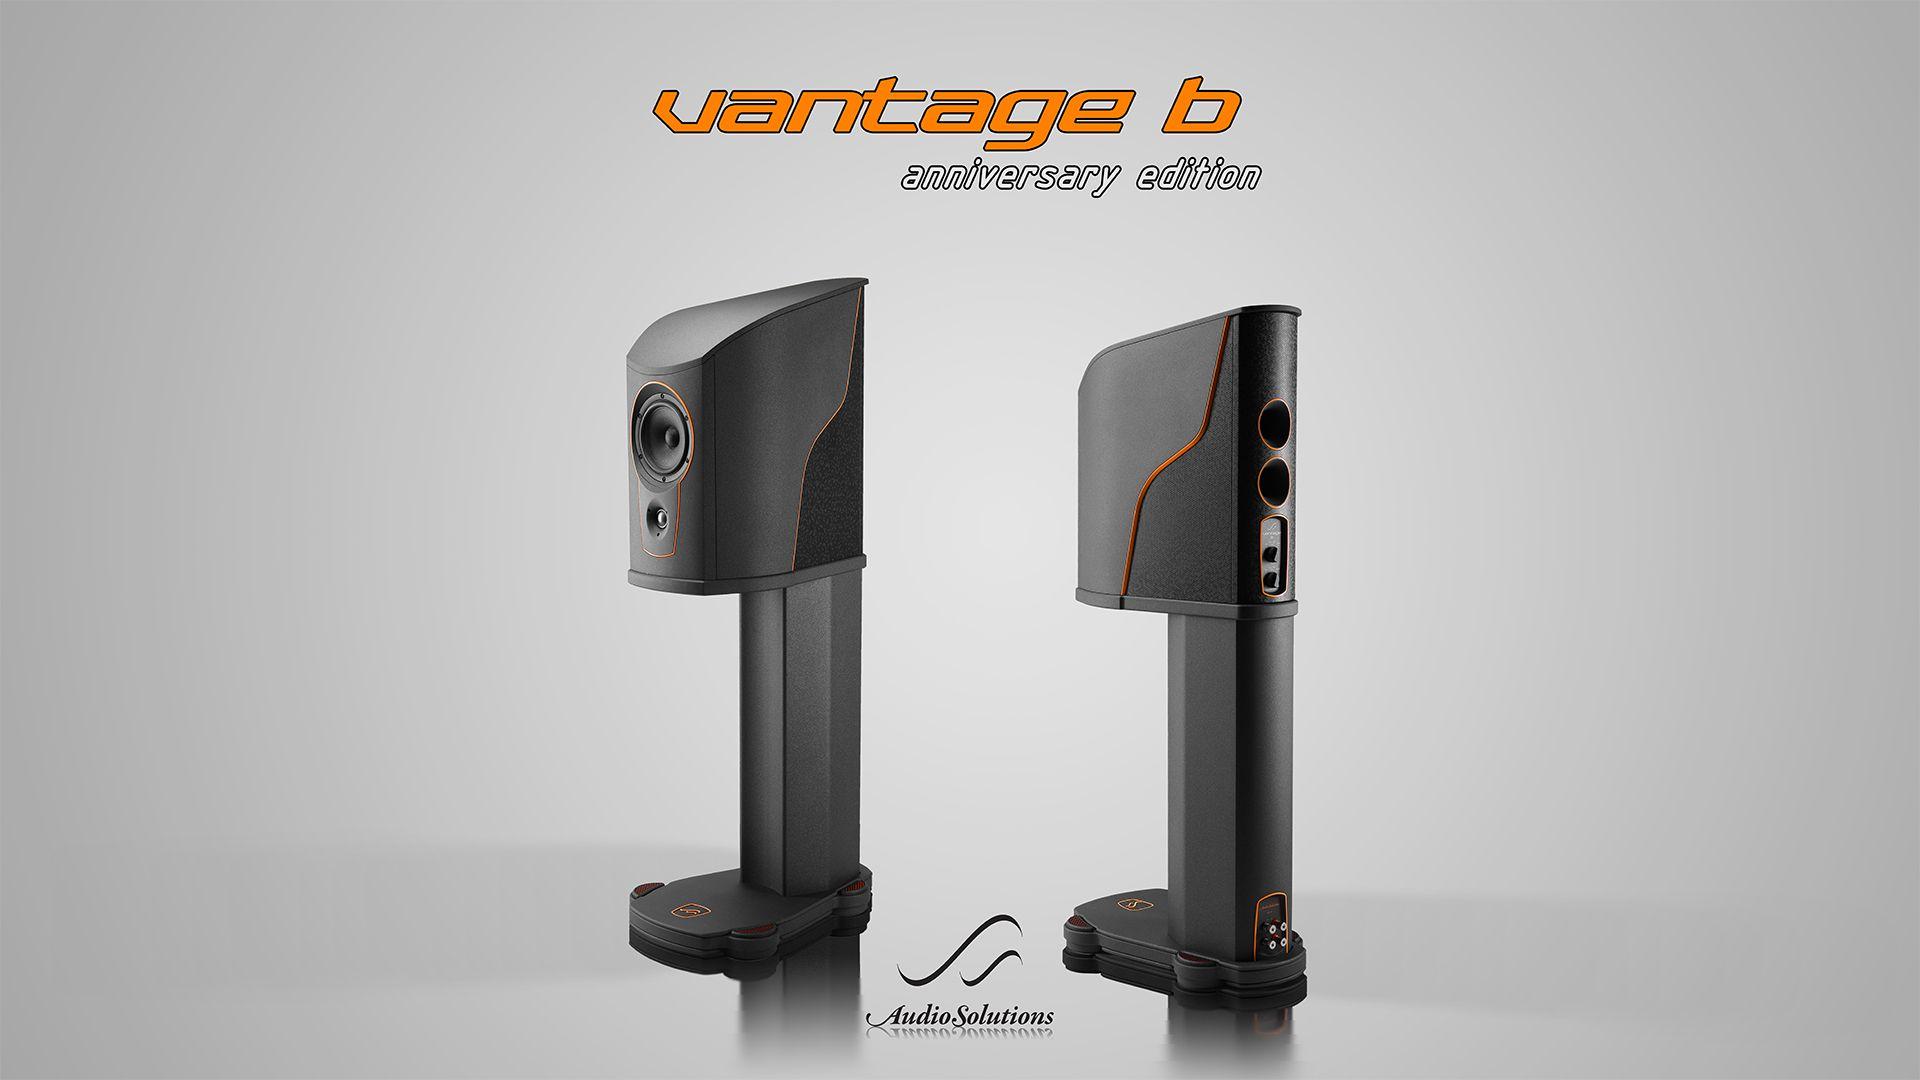 Kết quả hình ảnh cho AudioSolutions Vantage B Anniversary